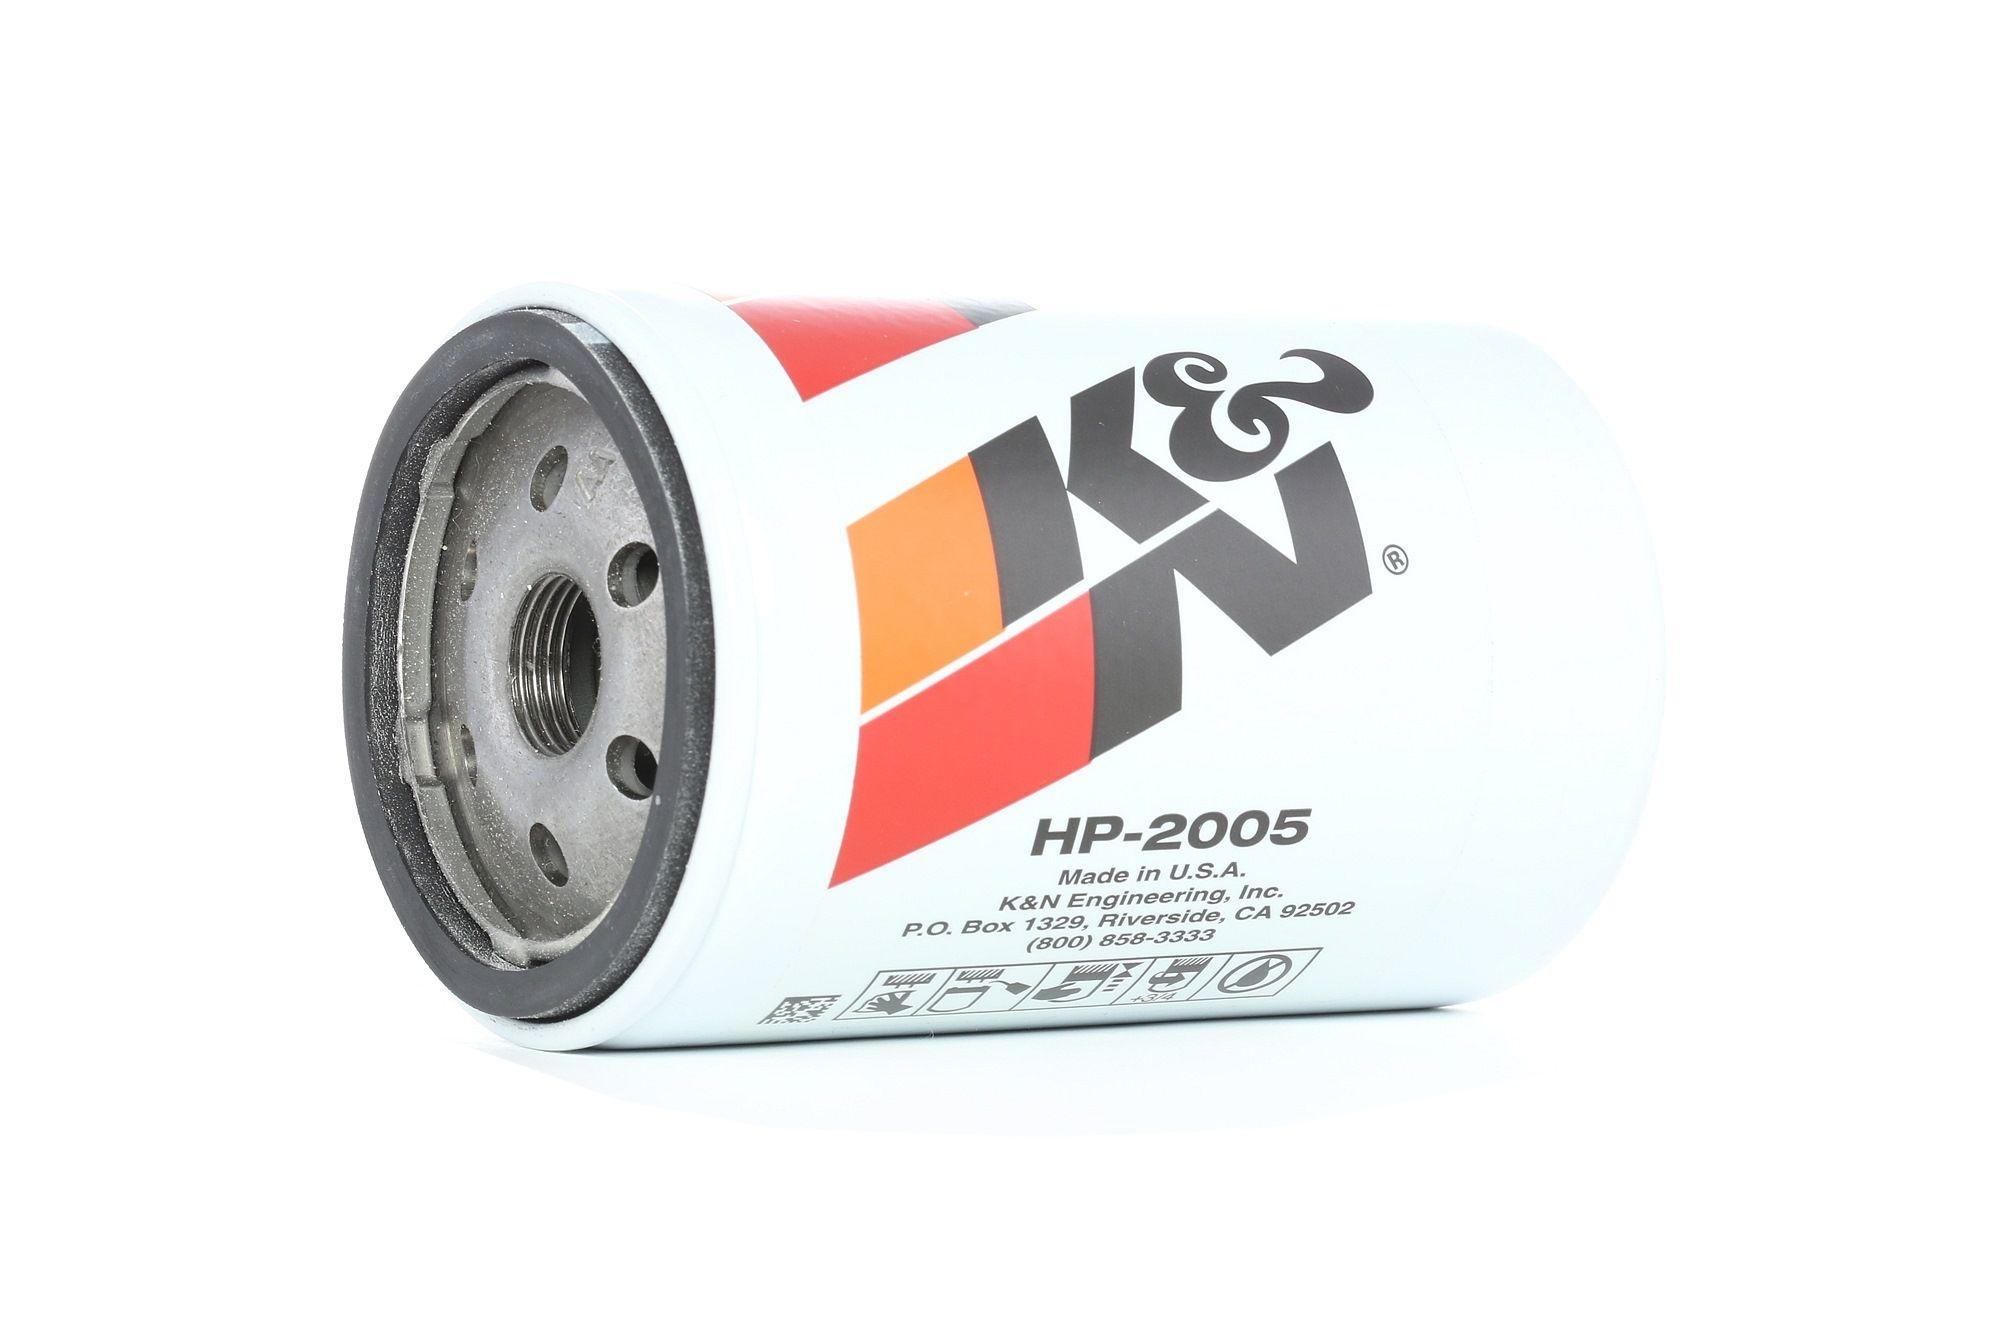 Achetez Filtre à huile K&N Filters HP-2005 (Ø: 76mm, Ø: 76mm, Hauteur: 129mm) à un rapport qualité-prix exceptionnel